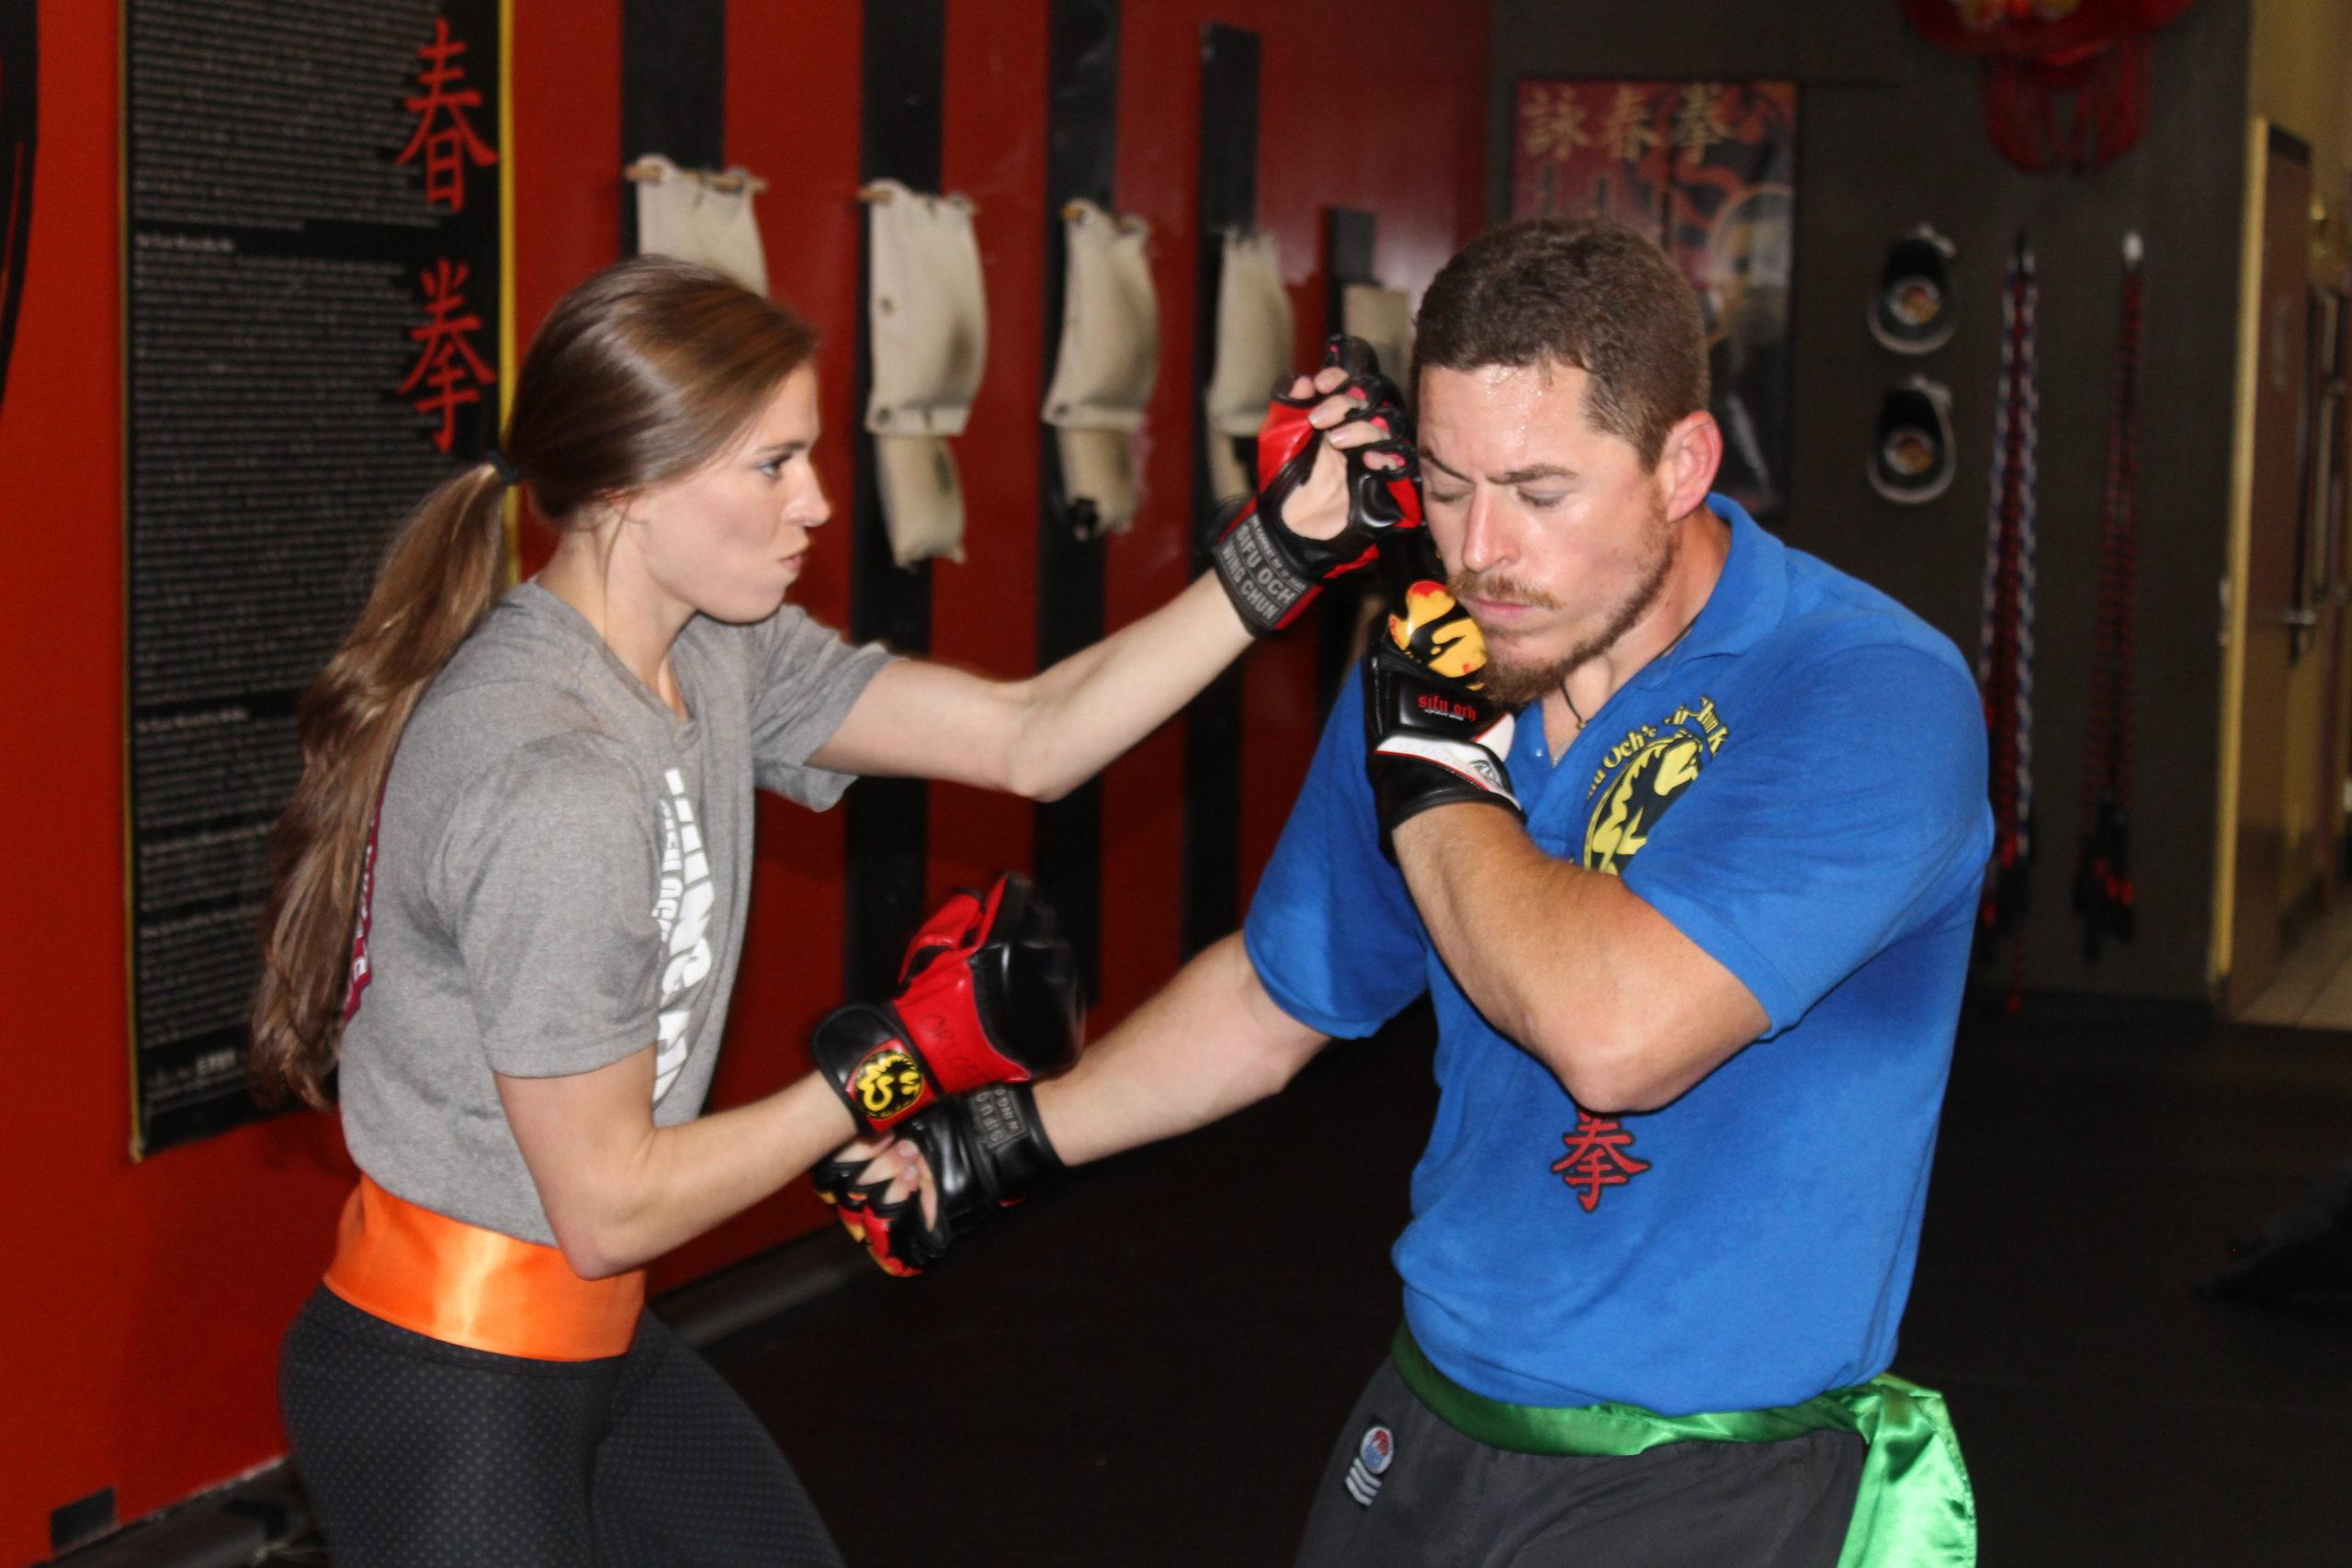 wing chun woman, sparring, wing chun female, female wing chun, fighter